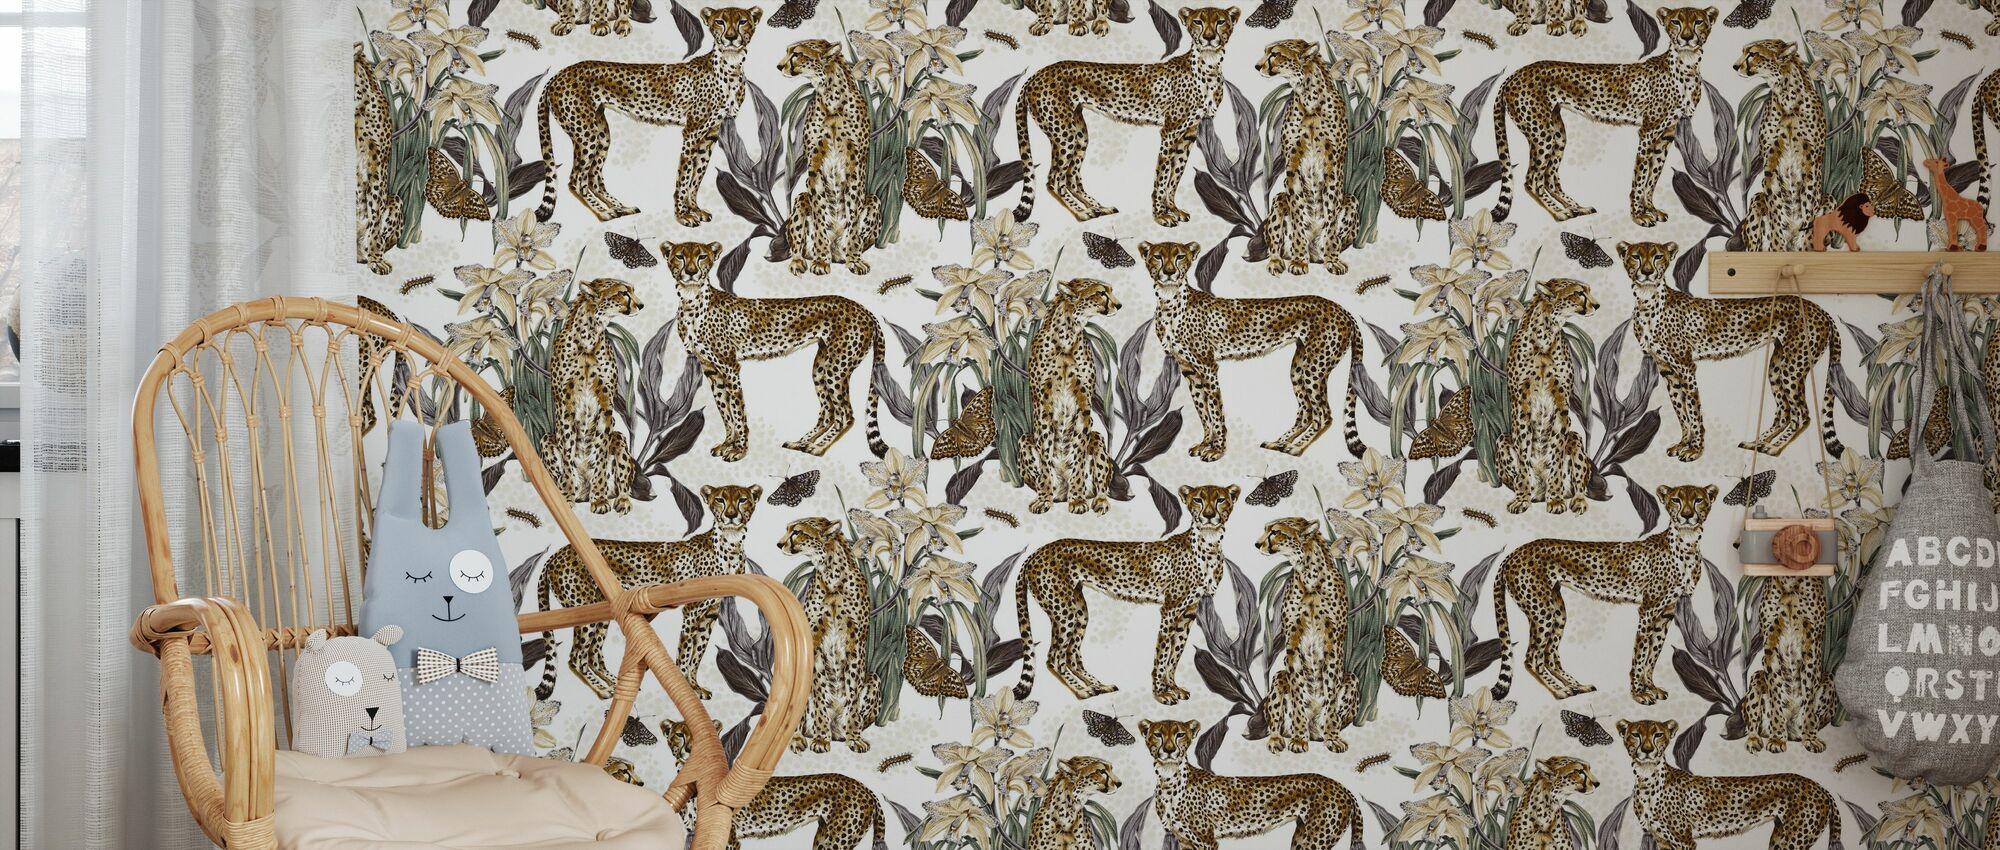 Cheetah Reveries - Cognac and Steel - Wallpaper - Kids Room